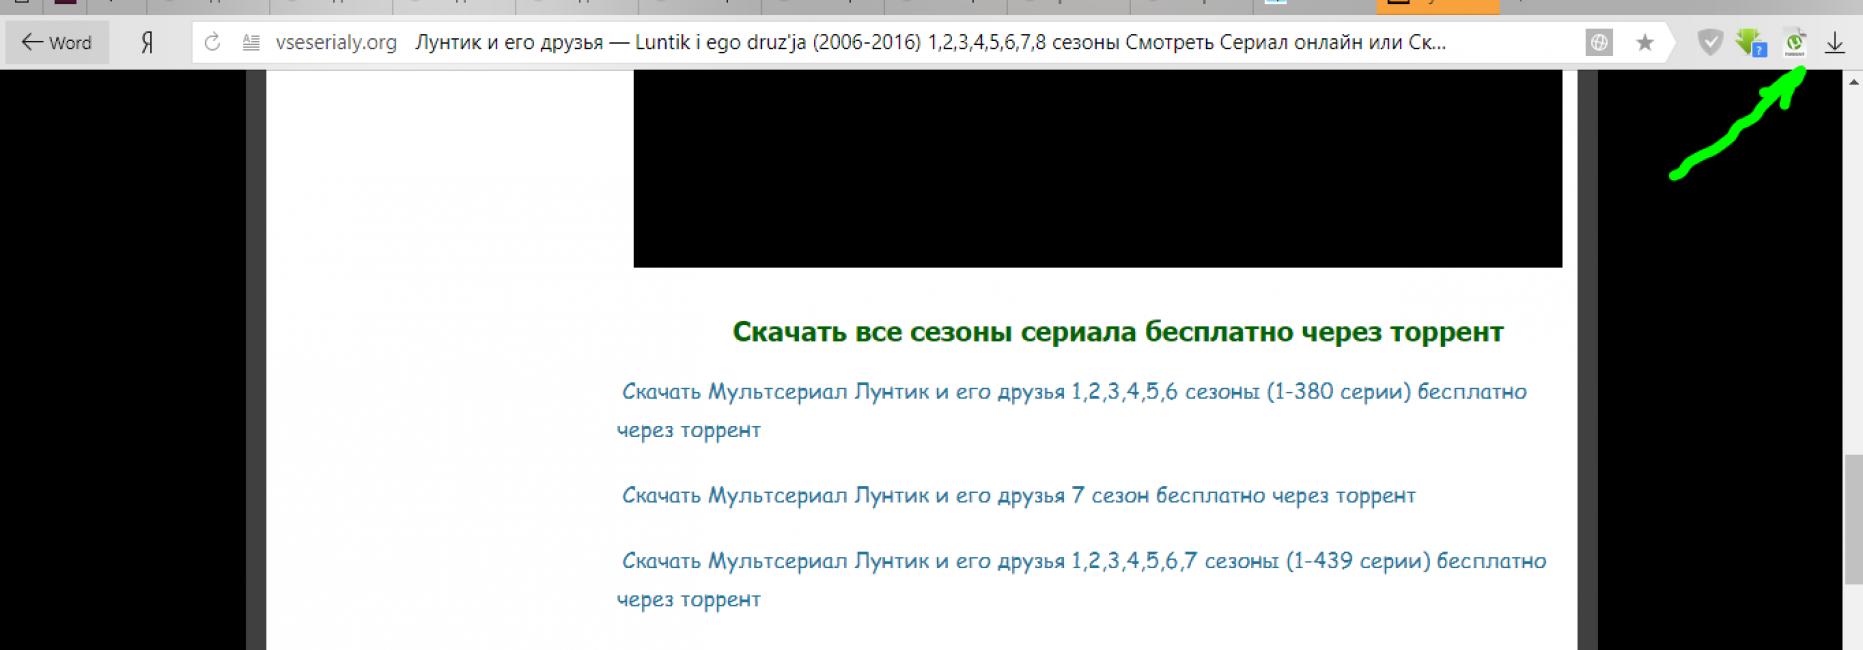 Лунтик и его друзья (7 сезон) скачать через торрент бесплатно в.